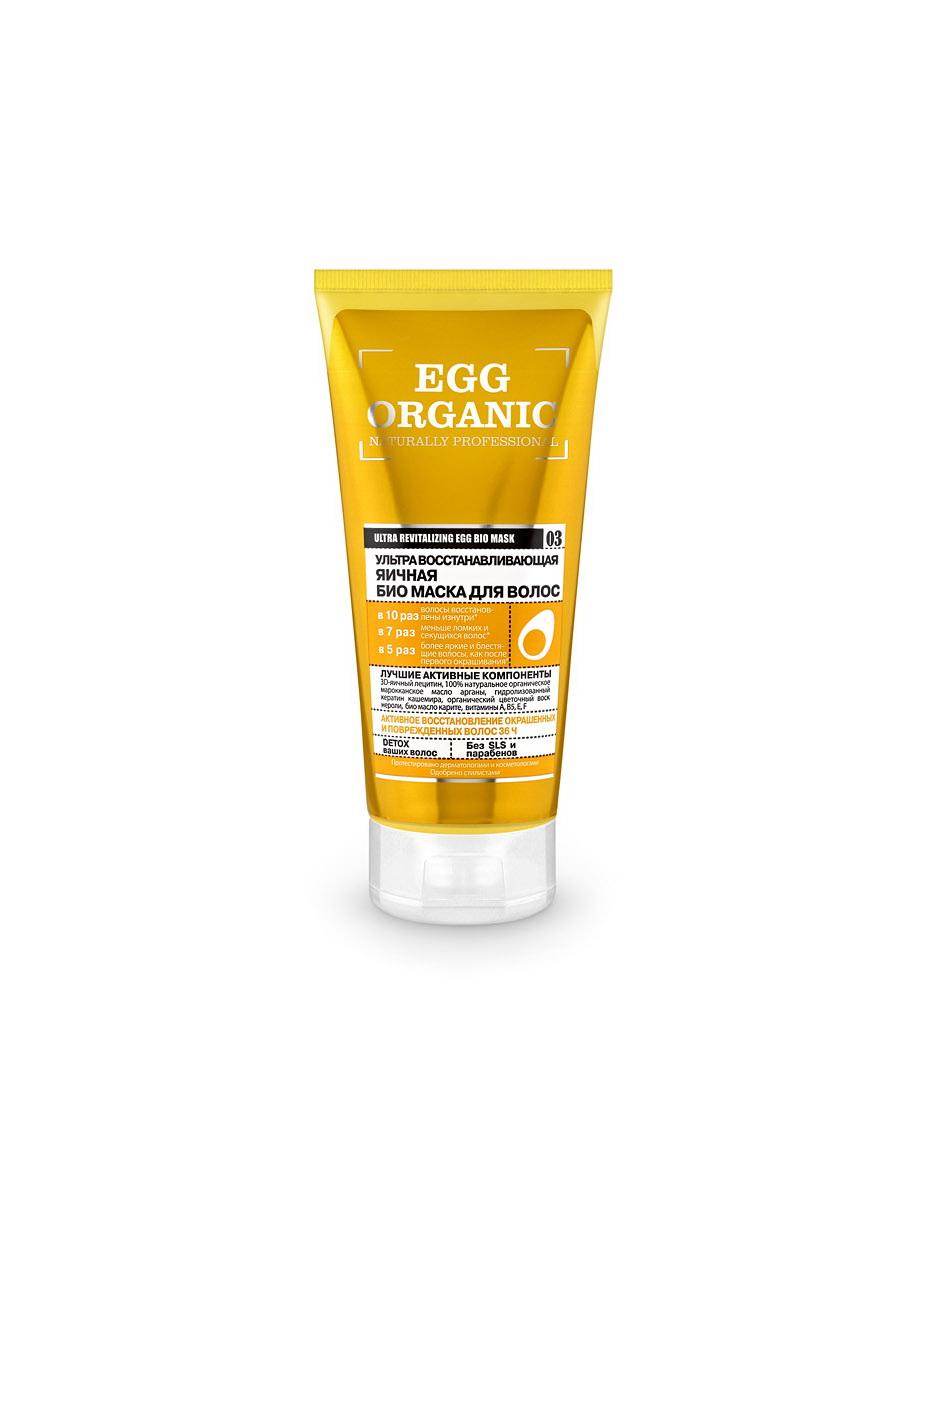 Оrganic Shop Naturally Professional Био-маска для волос Ультра Восстанавливающая, яичная, 200 мл0861-1-39463D-яичный лецитин эффективно залечивает структурные повреждения, восстанавливая волосы изнутри. 100% натуральные органические масла арганы и био-масло карите глубоко питают ослабленные и поврежденные волосы, обеспечивают надежную защиту от термо и УФ воздействий. Гидролизованный кератин кашемира устраняет ломкость и сечение волос, интенсивно укрепляет. Органический цветочный воск нероли придает волосам гладкость, зеркальный блеск и усиливает яркость цвета окрашенных волос. Товар сертифицирован.